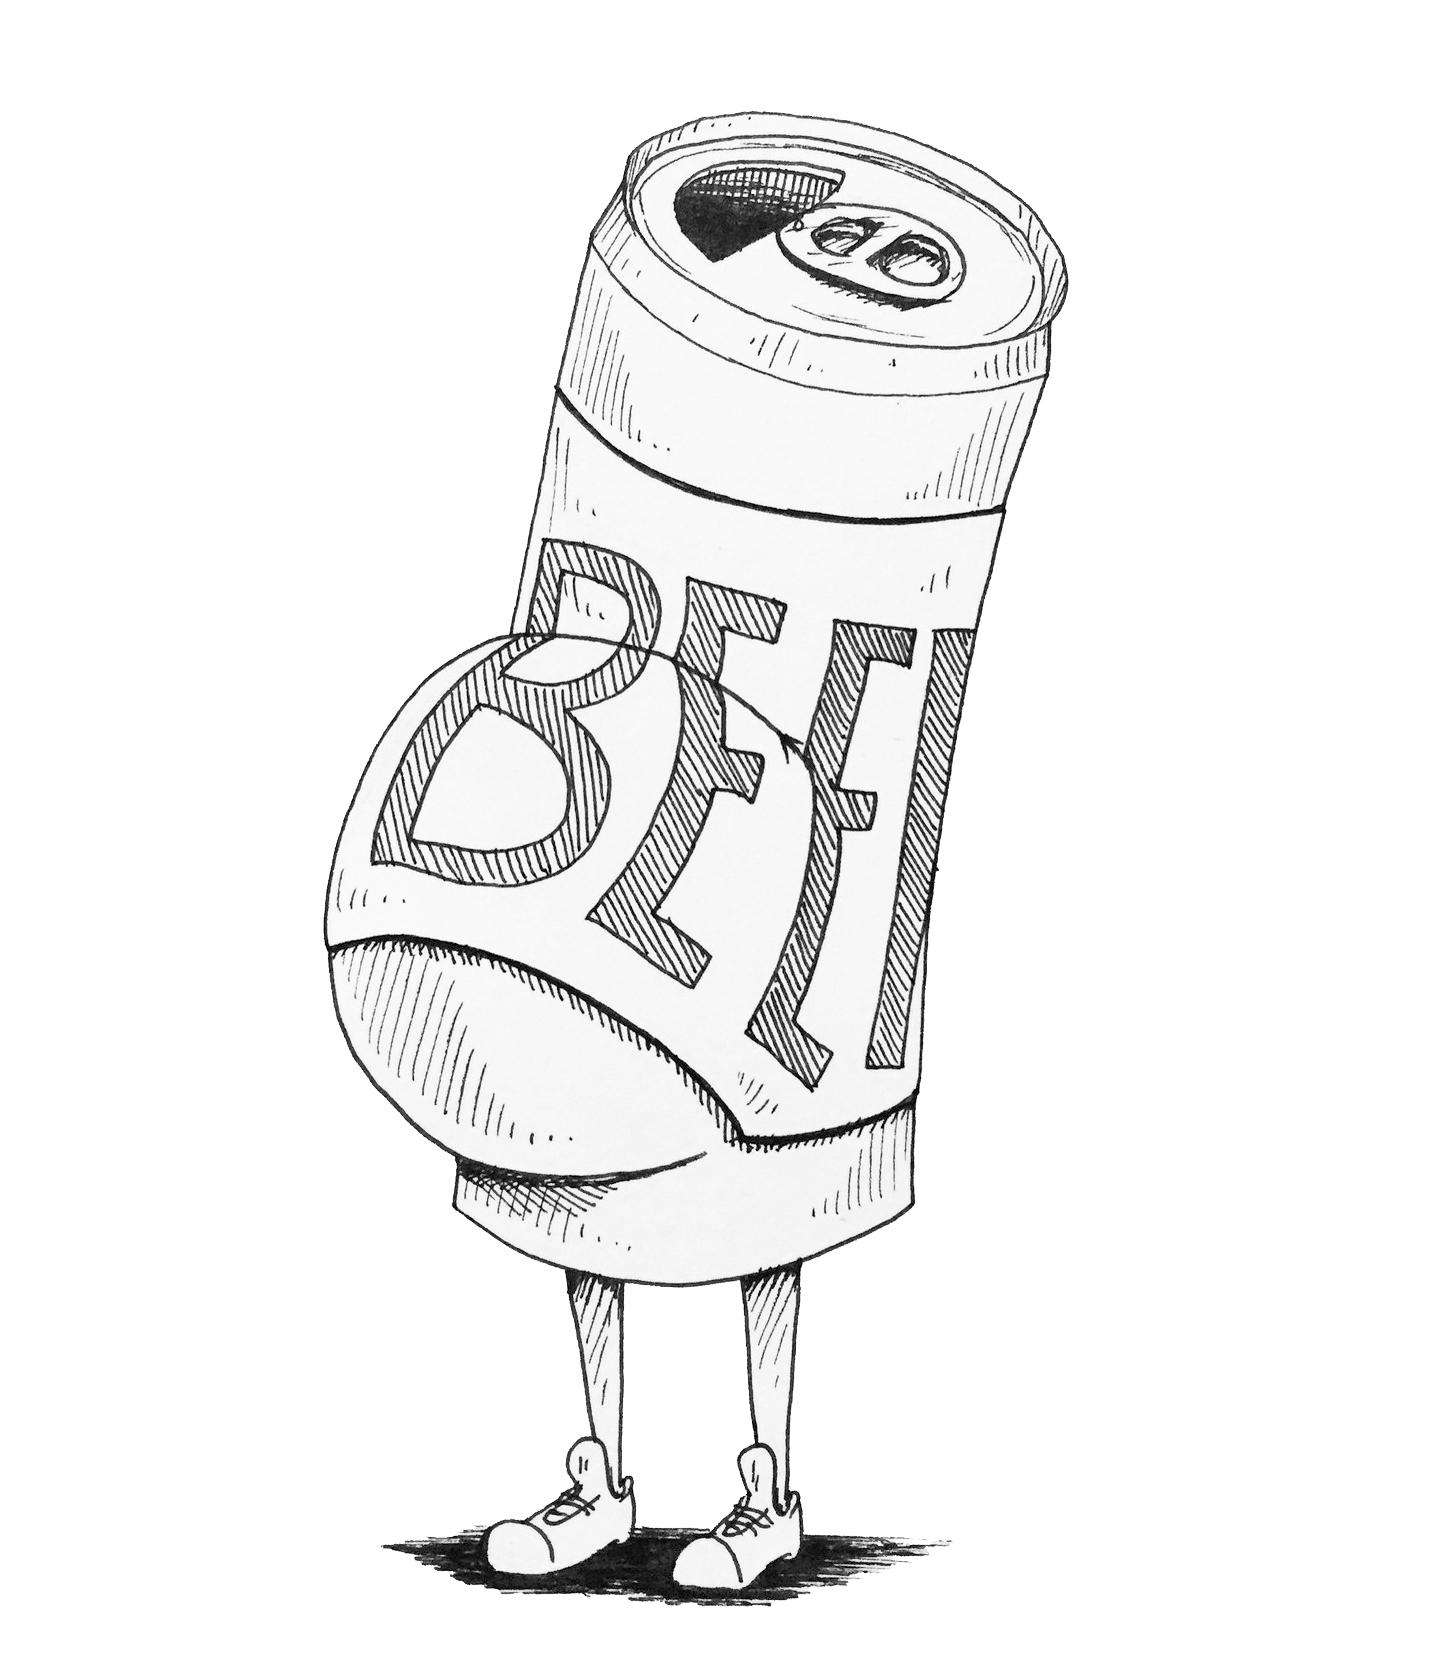 beer belly copy 2.jpg